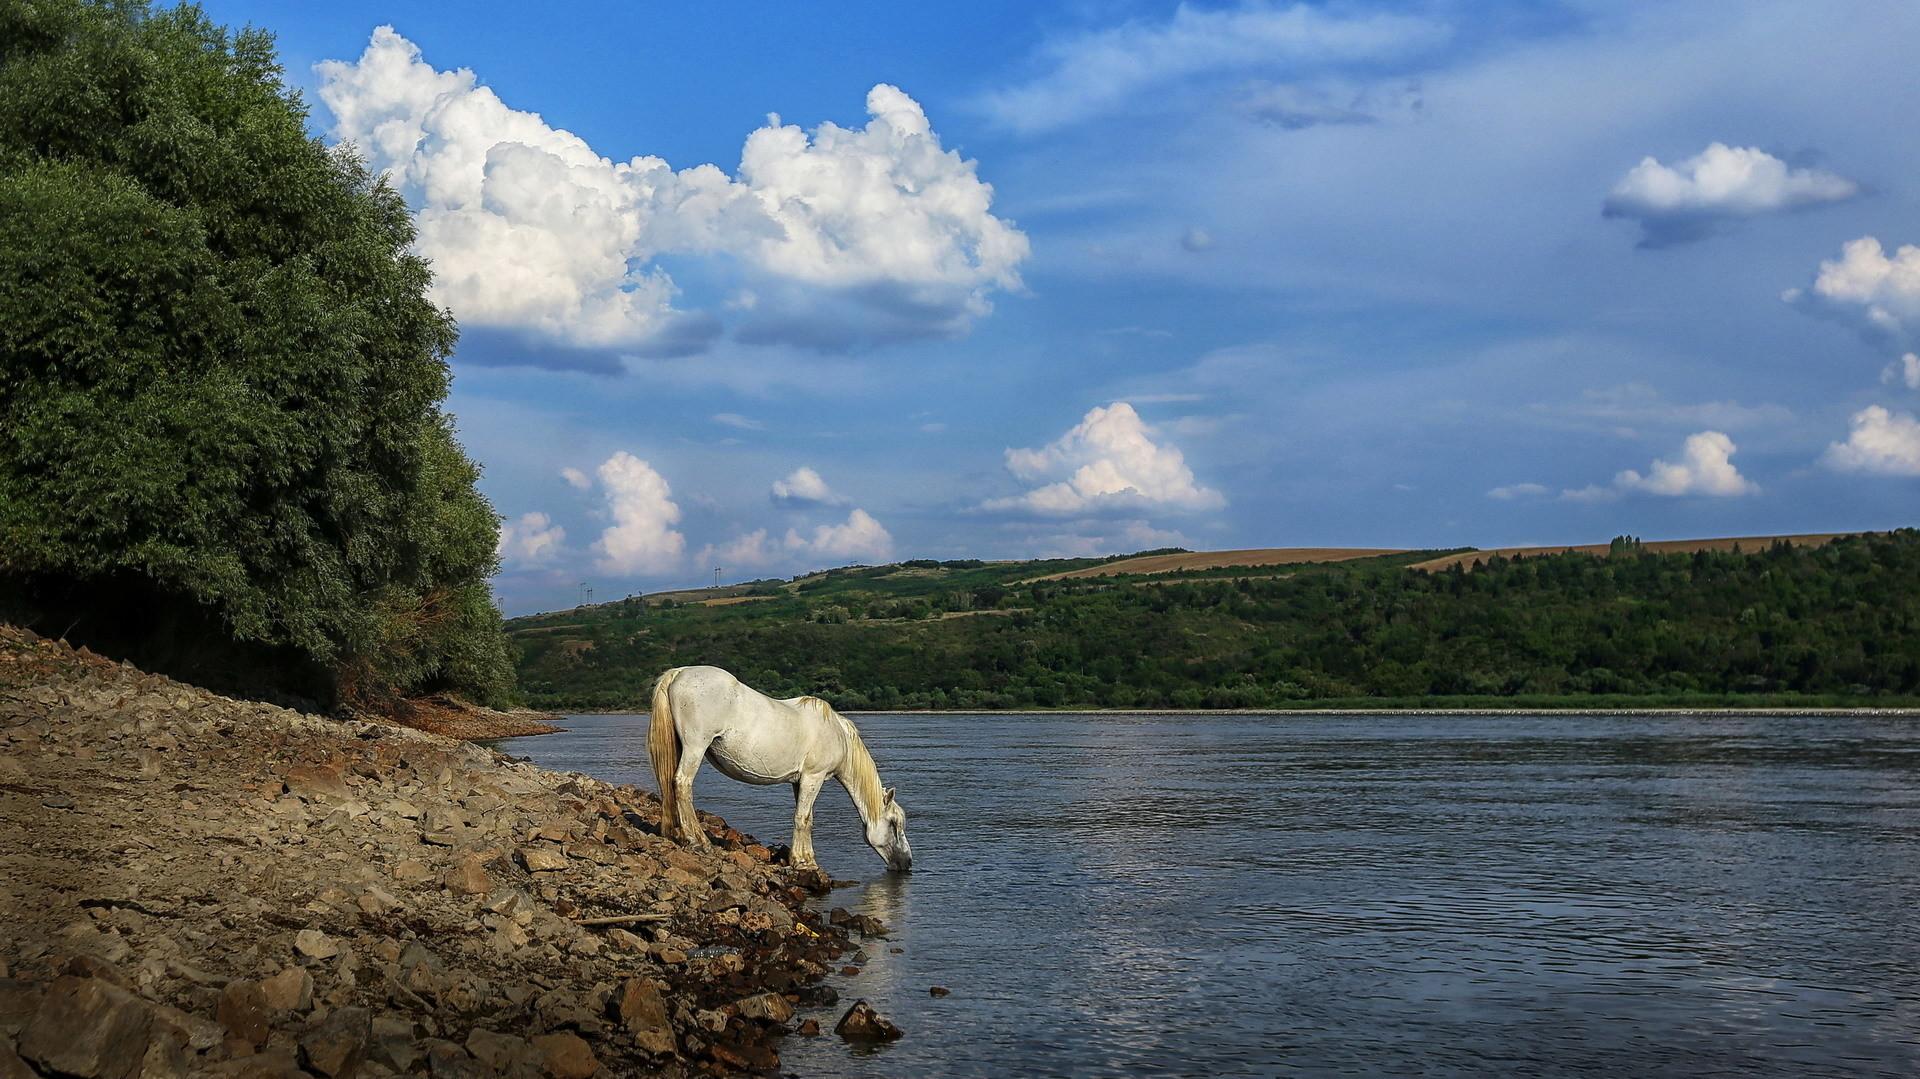 Bel' konj